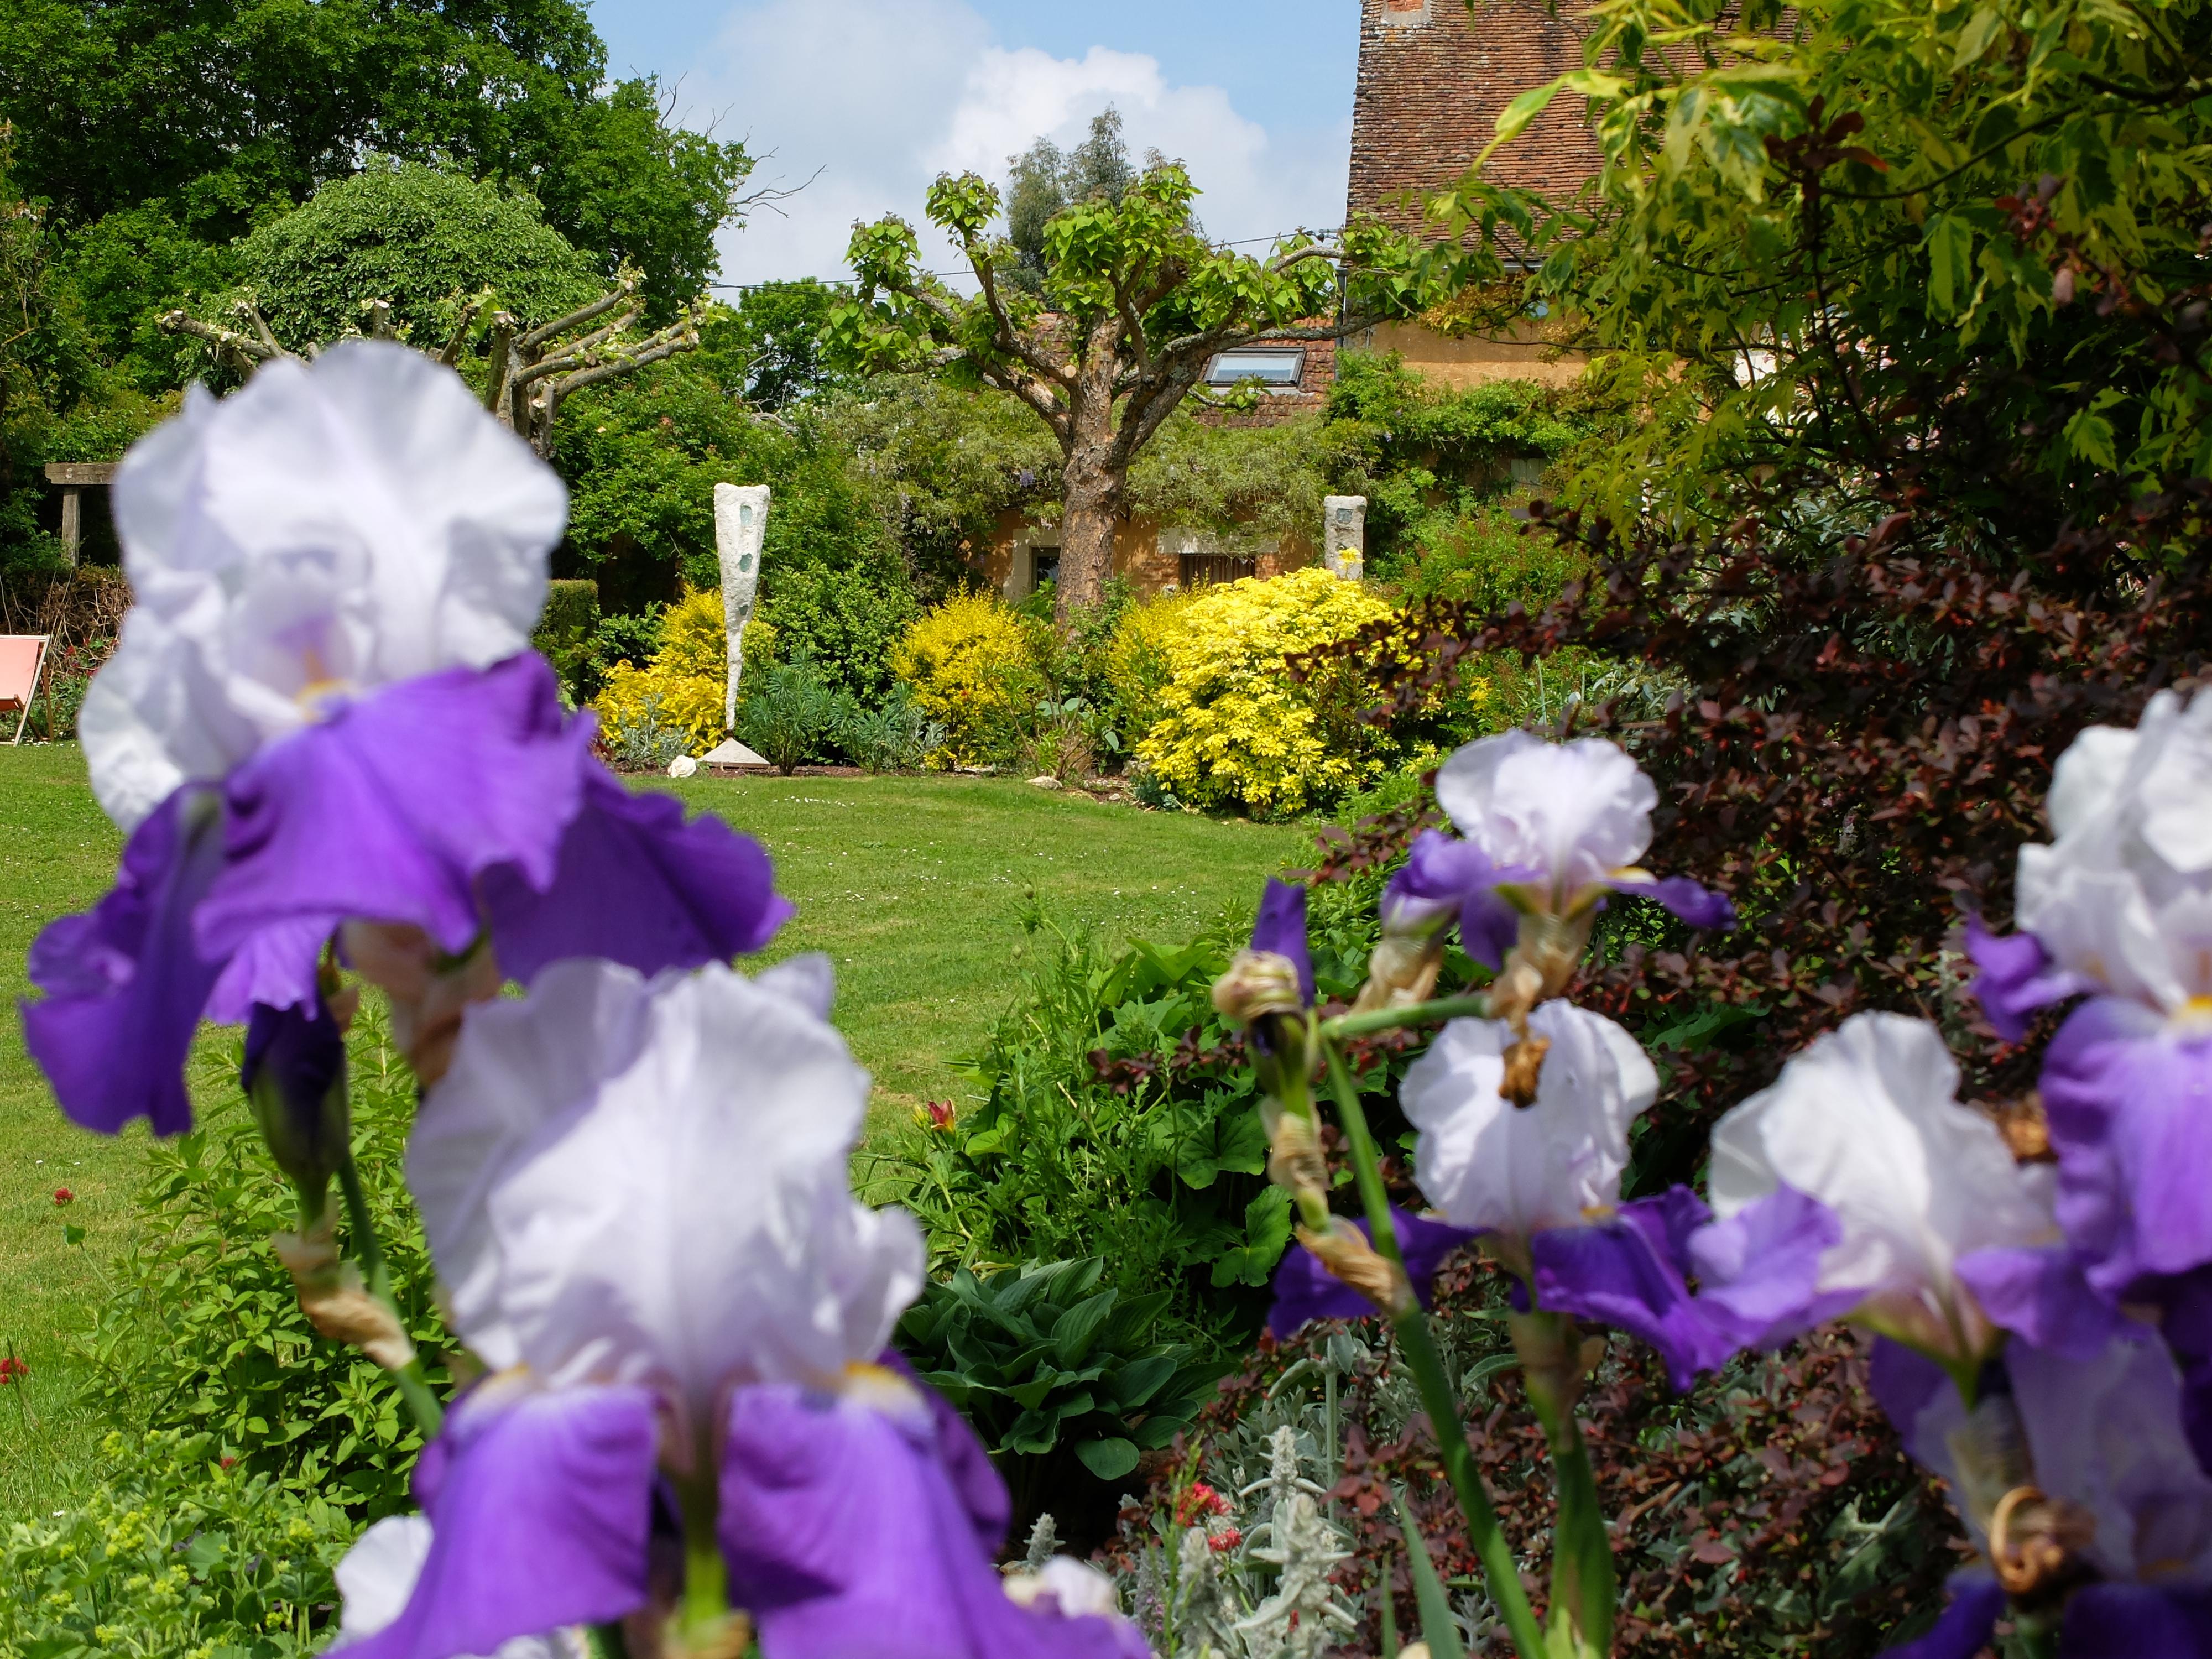 Un jardin d'iris privé aux alentours de Sancerre